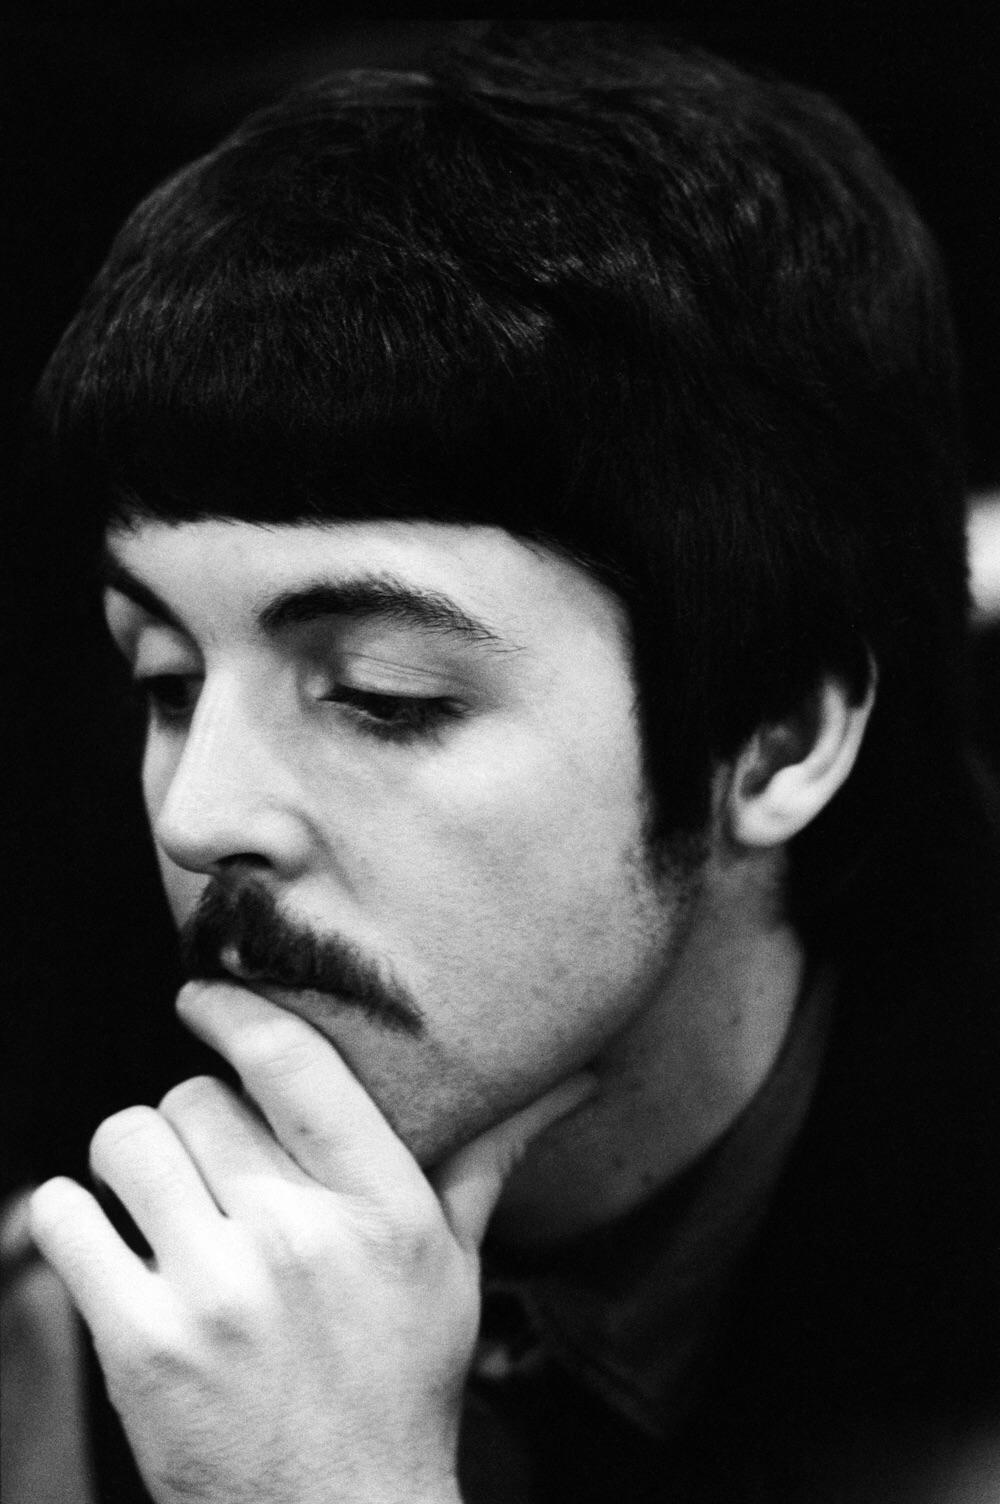 Paul McCartney, 1967.